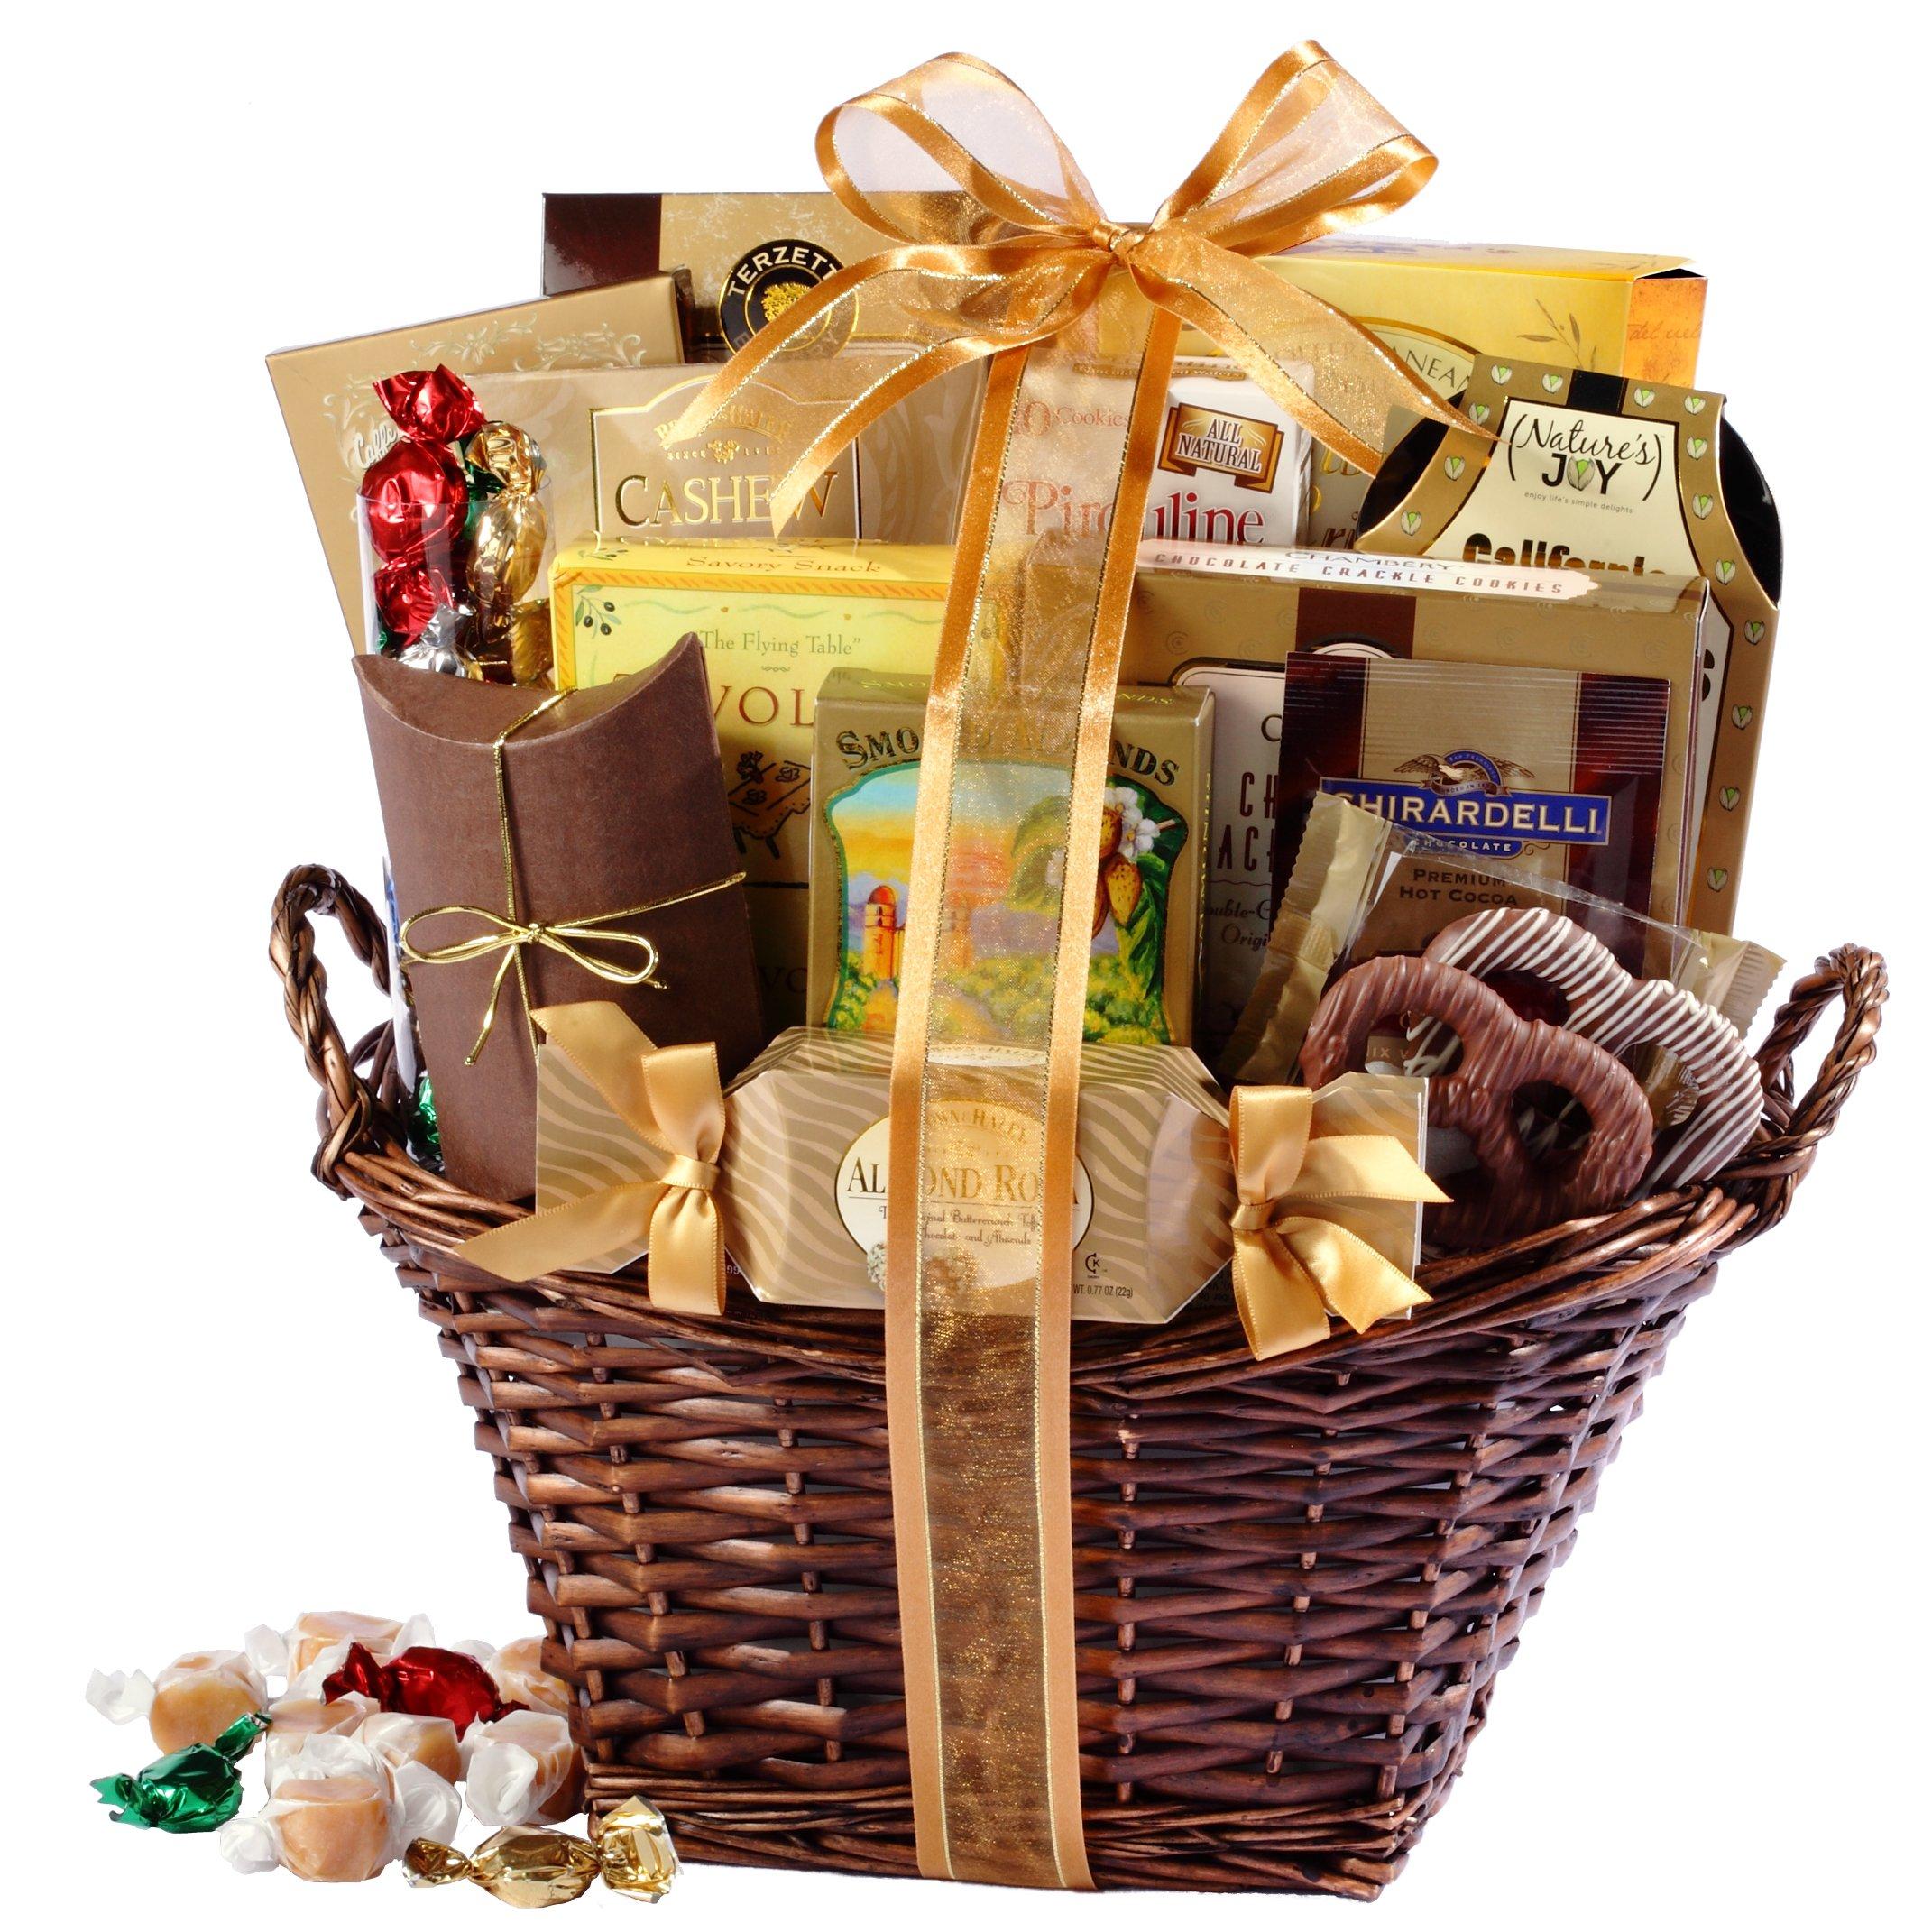 Broadway Basketeers Gourmet Gift Basket by Broadway Basketeers